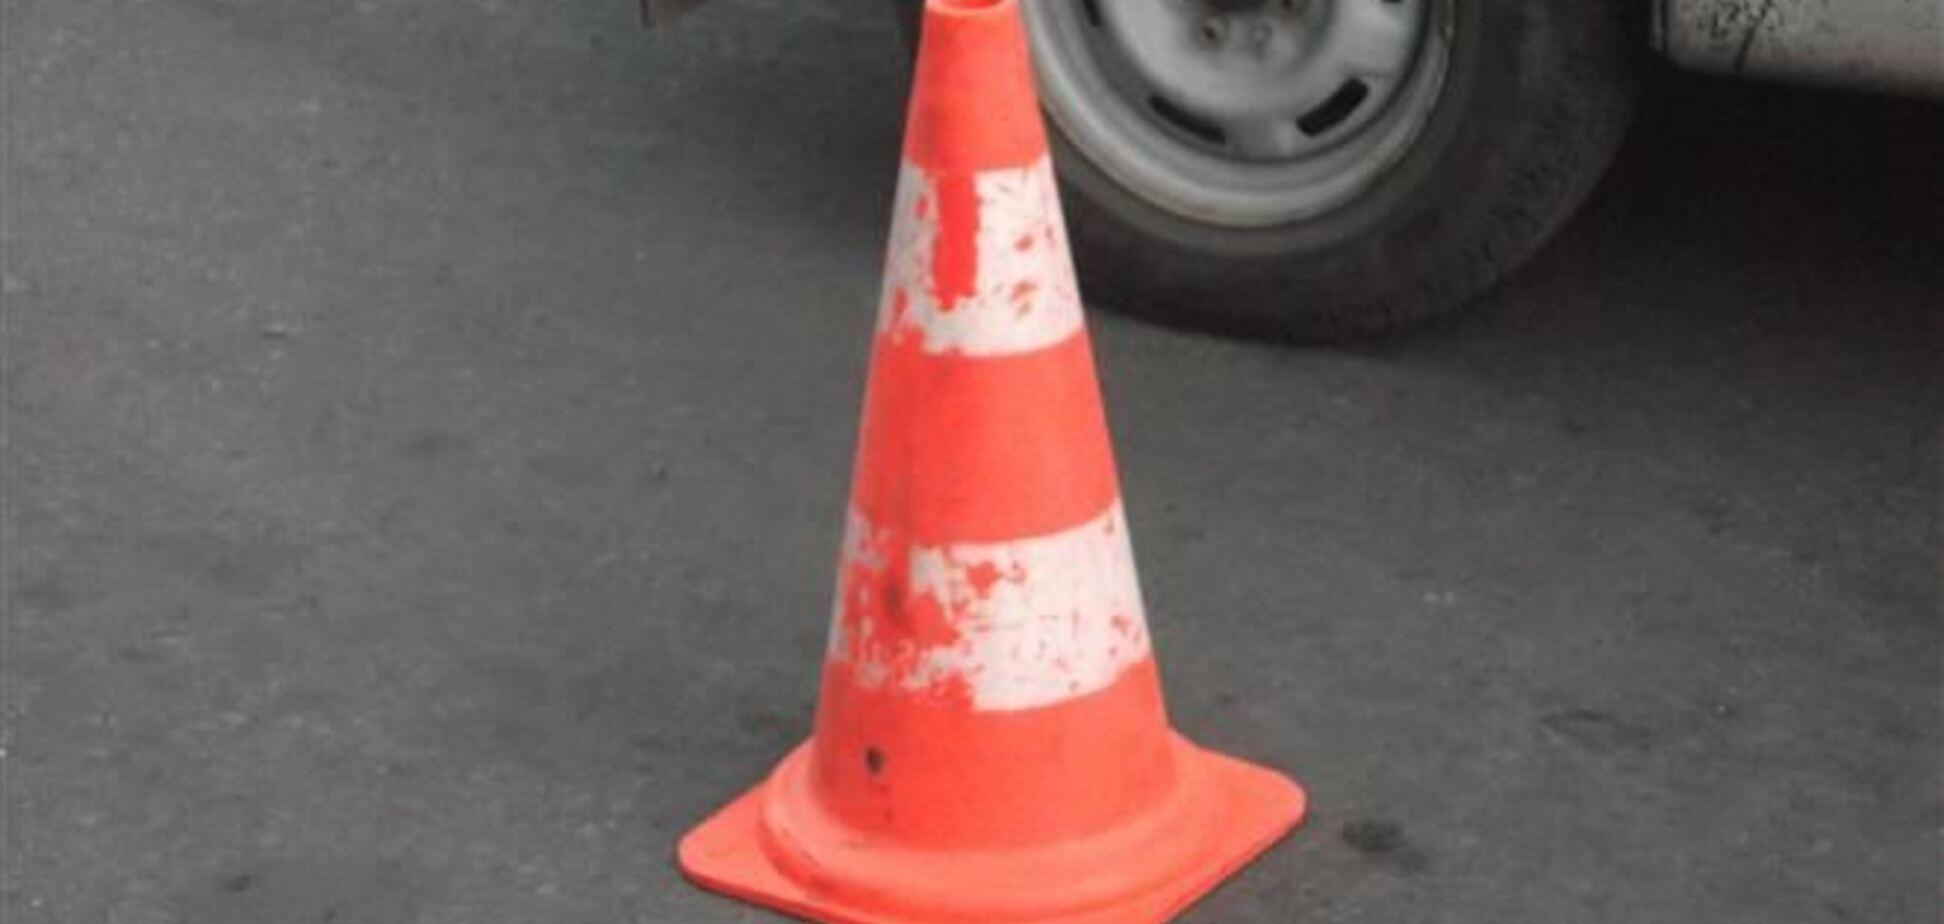 Ситуация на дорогах 13 января: 59 ДТП, 9 погибших